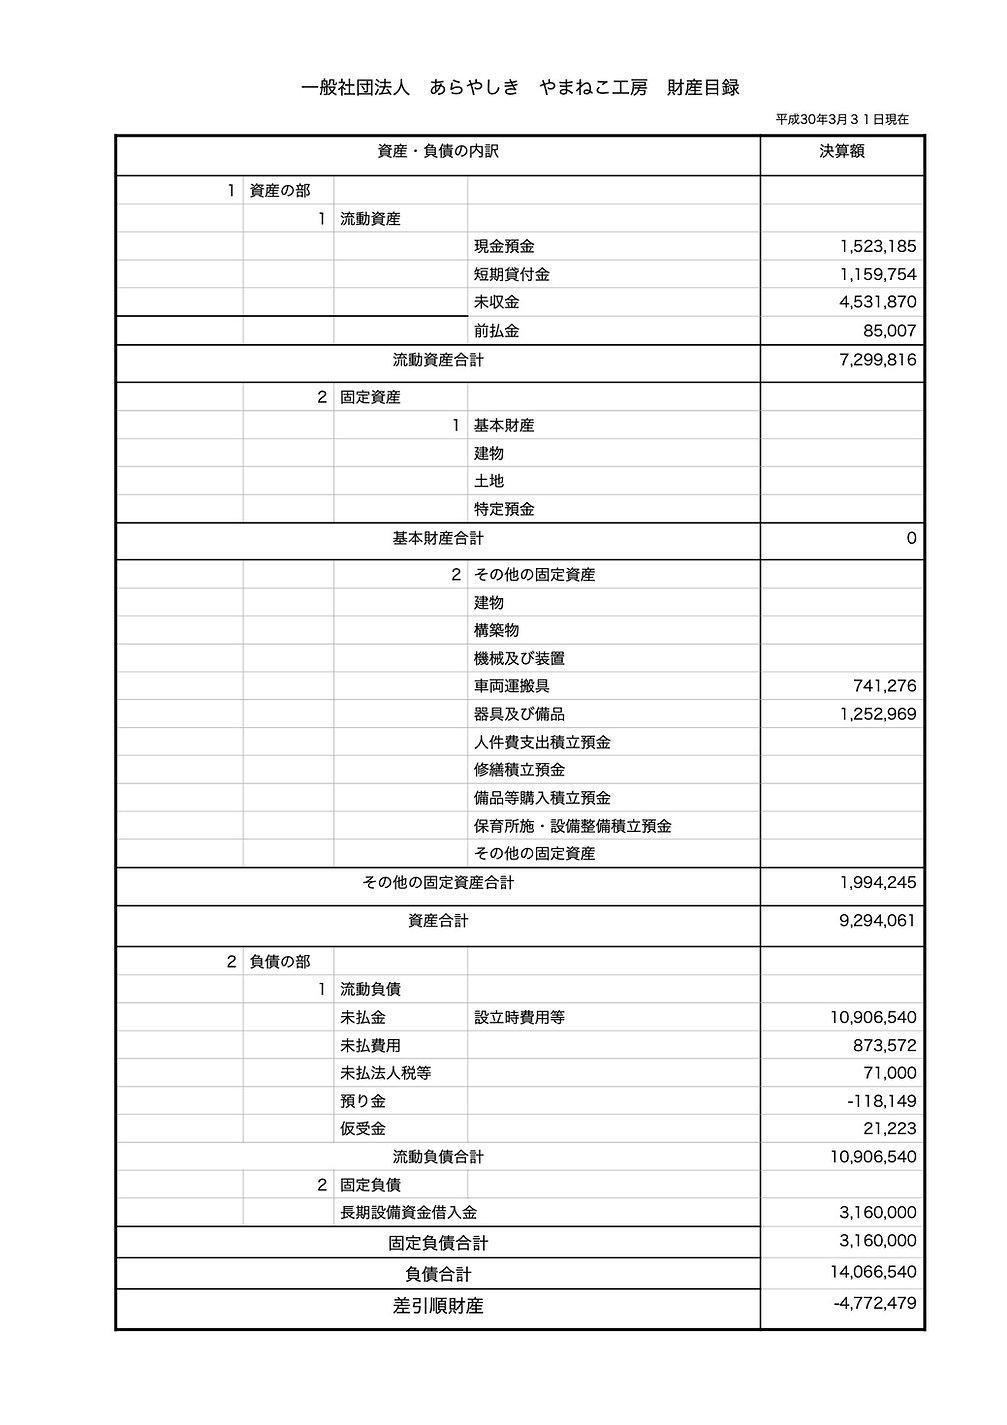 添付書類 資産 財産目録20名定員変pdf.jpg